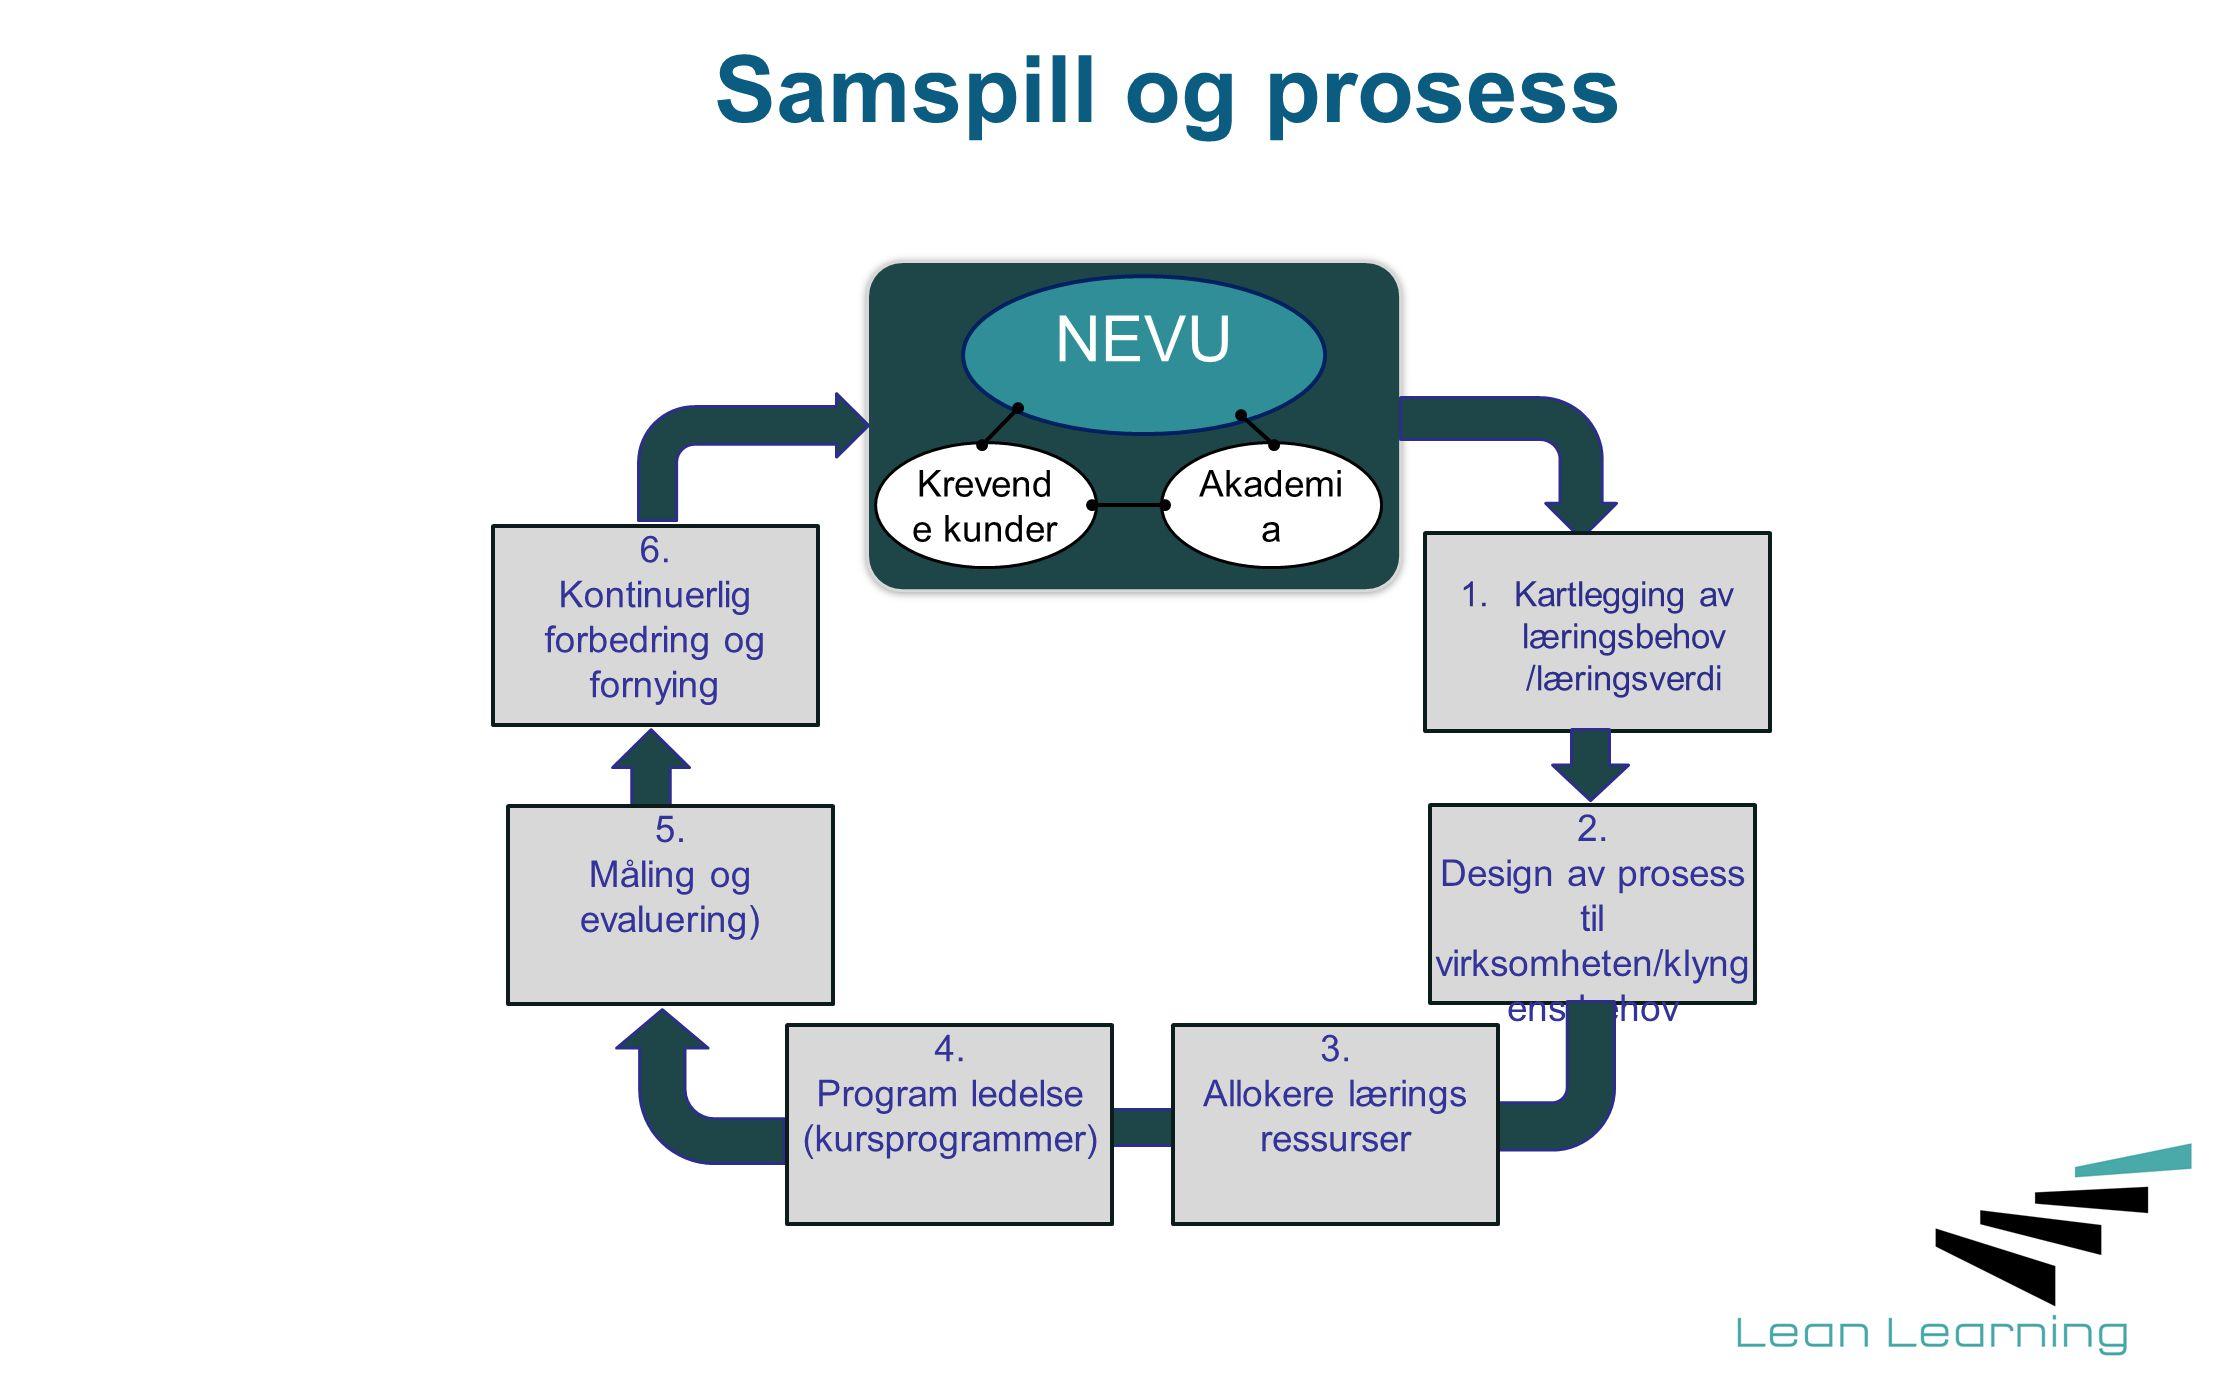 Samspill og prosess NEVU Krevend e kunder Akademi a 1.Kartlegging av læringsbehov /læringsverdi 2. Design av prosess til virksomheten/klyng ens behov